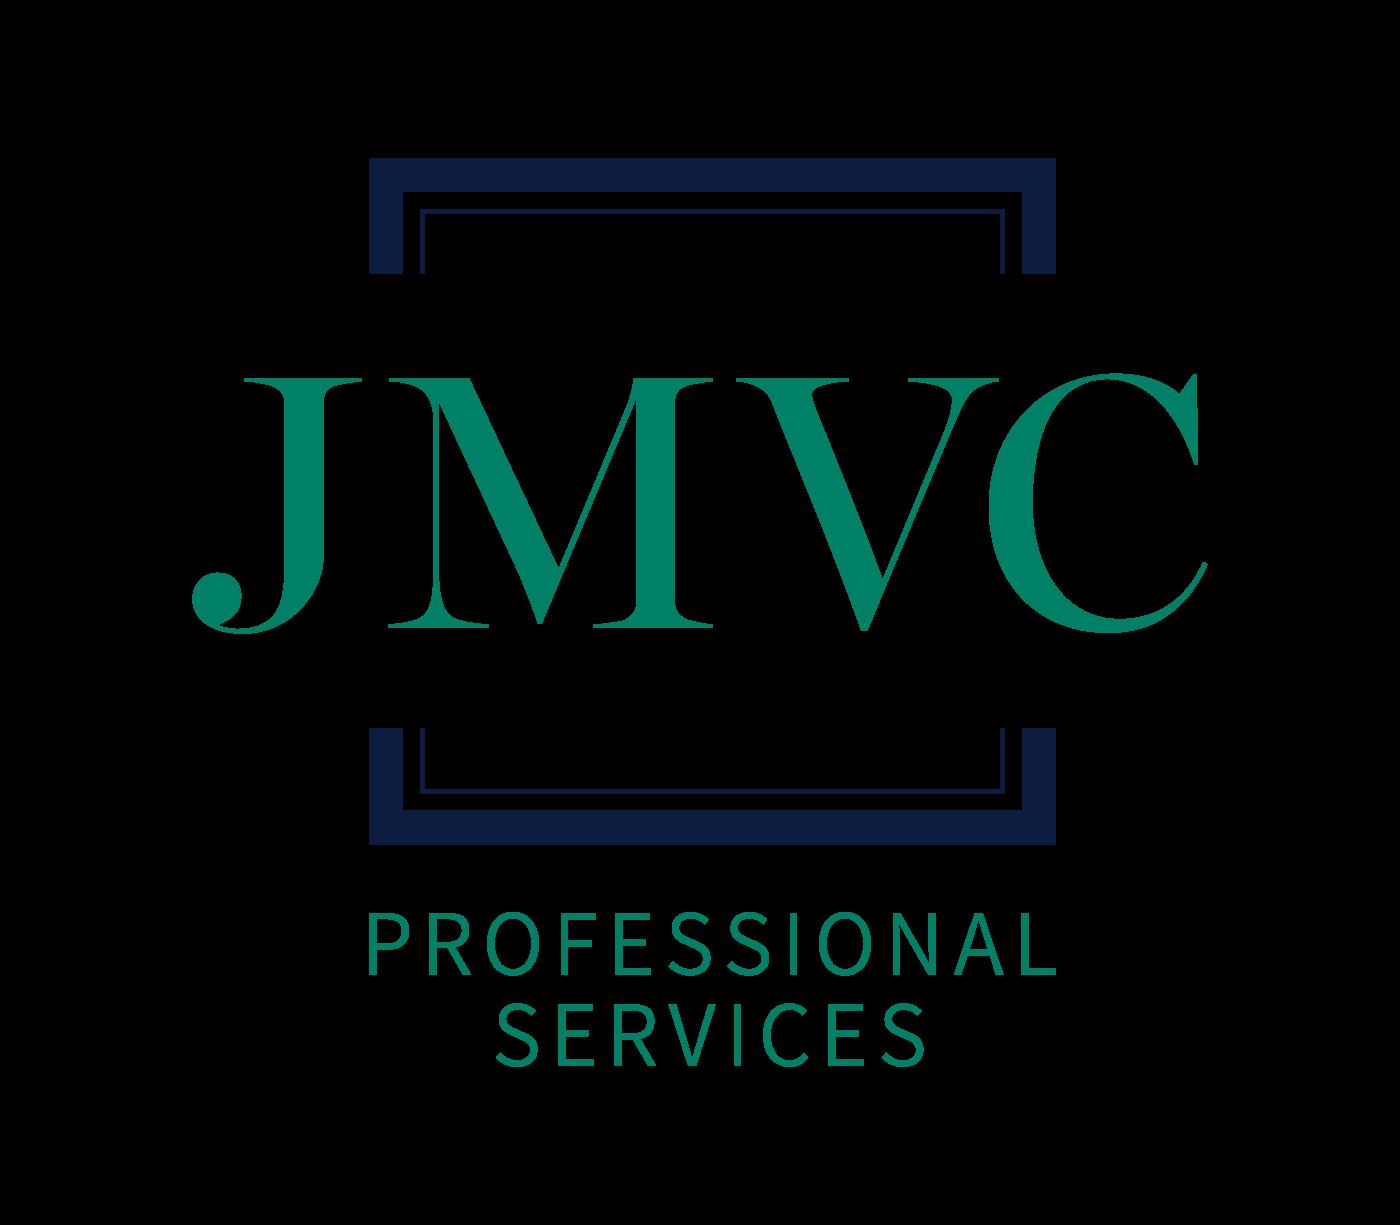 JMVC Professional Services